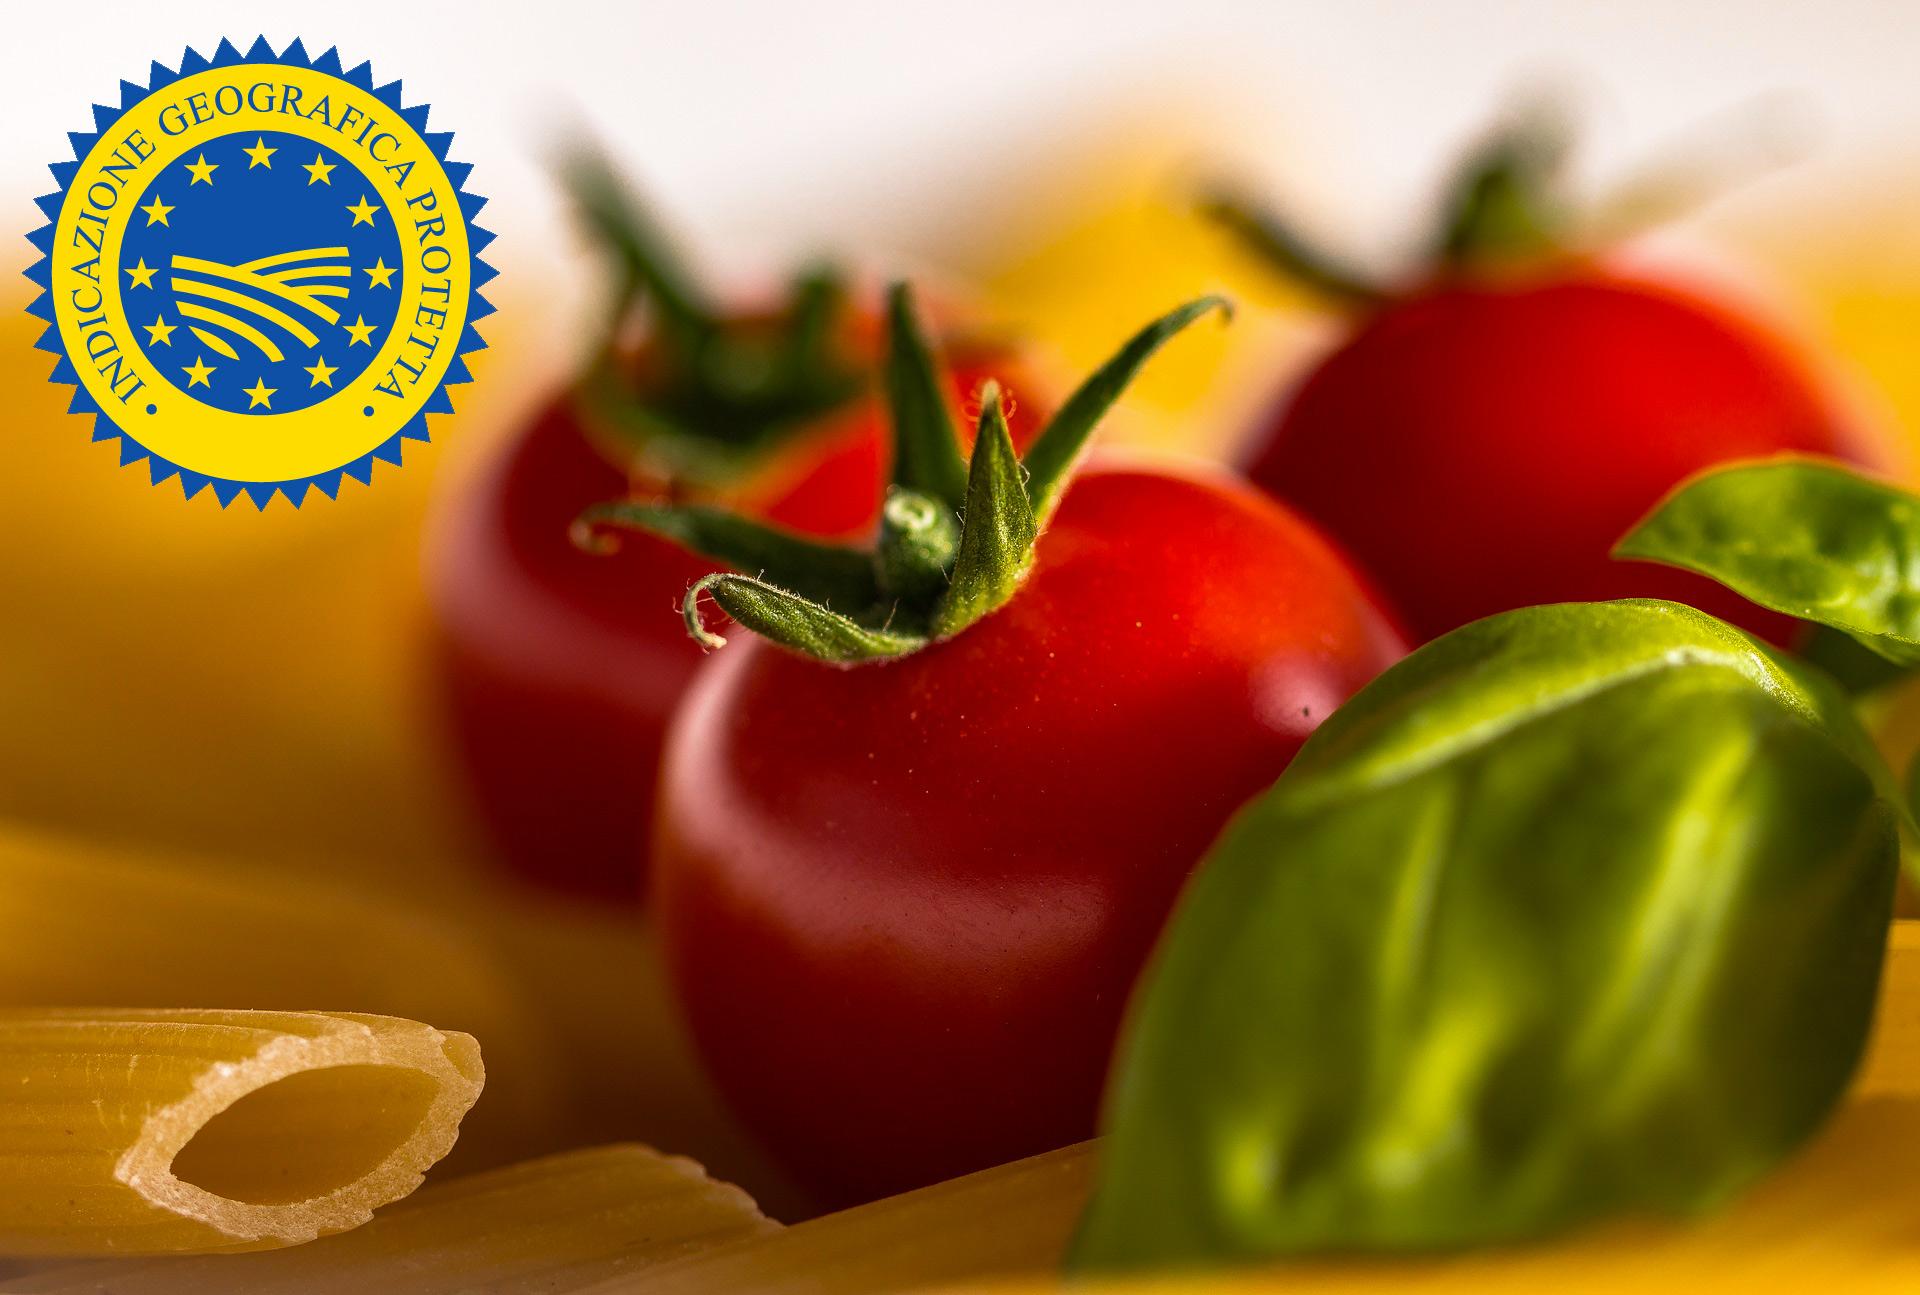 cibo italiano con la rappresentazione del marchio igp